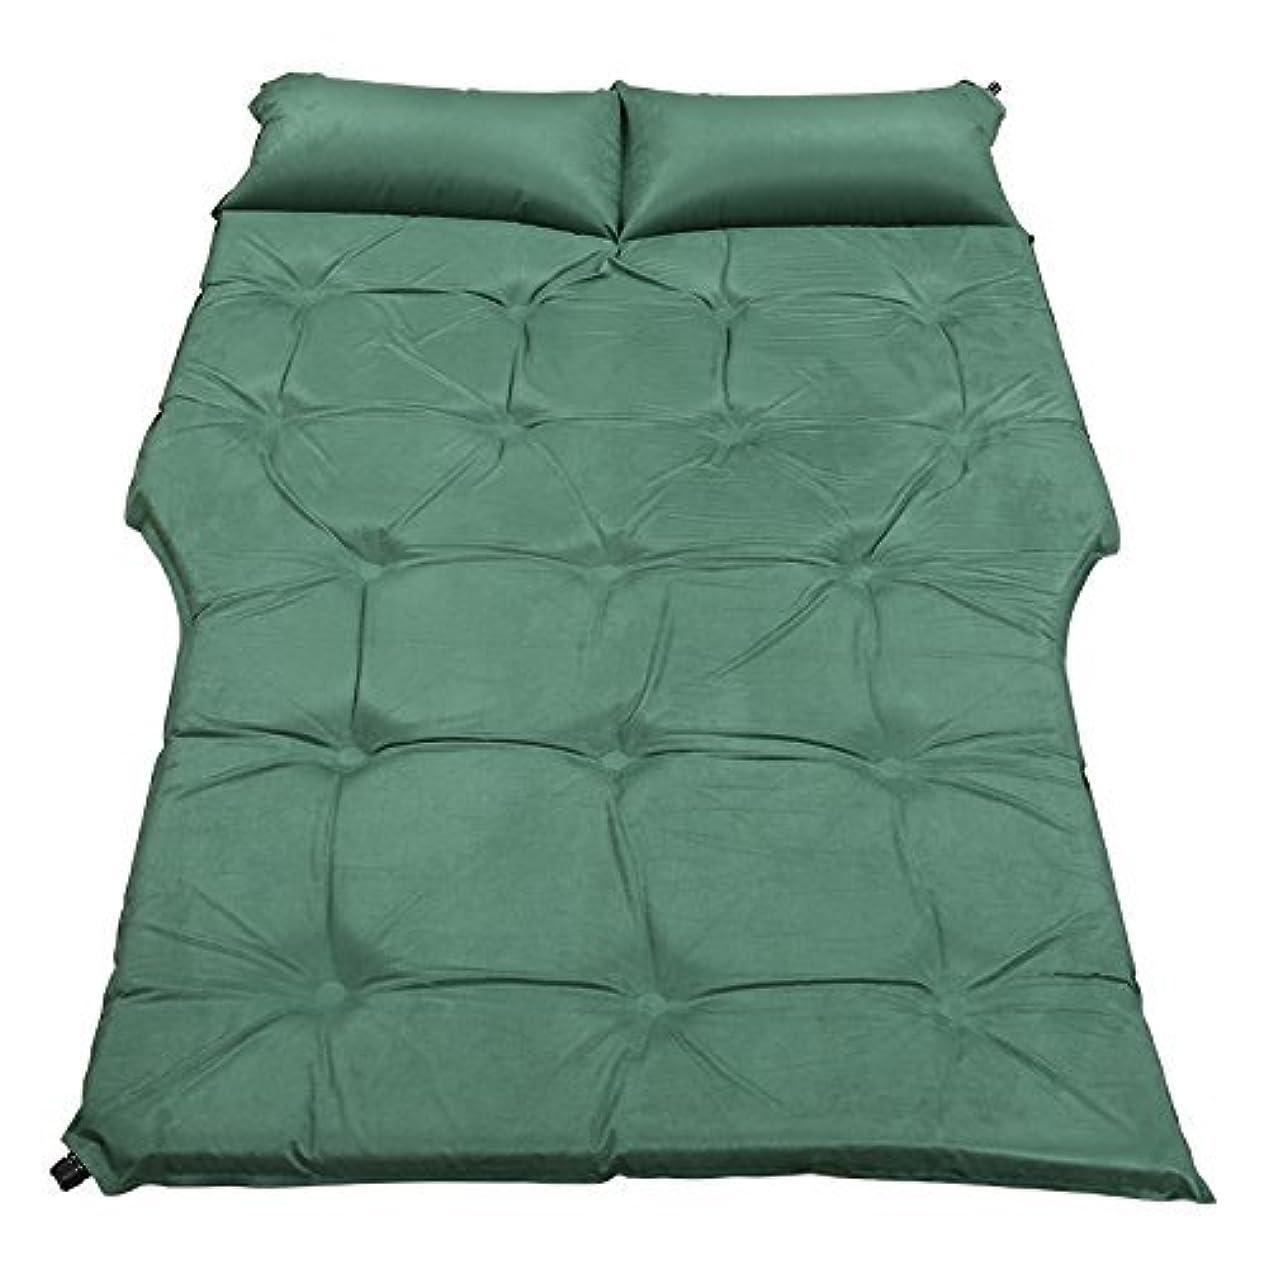 市民ラテン星膨脹可能なベッドSuv車のベッド、屋外の睡眠のマット旅行ベッドの車のマットのキャンプの湿気防止のパッドの休暇の車の供給ポータブル折りたたみ190 * 126 cm